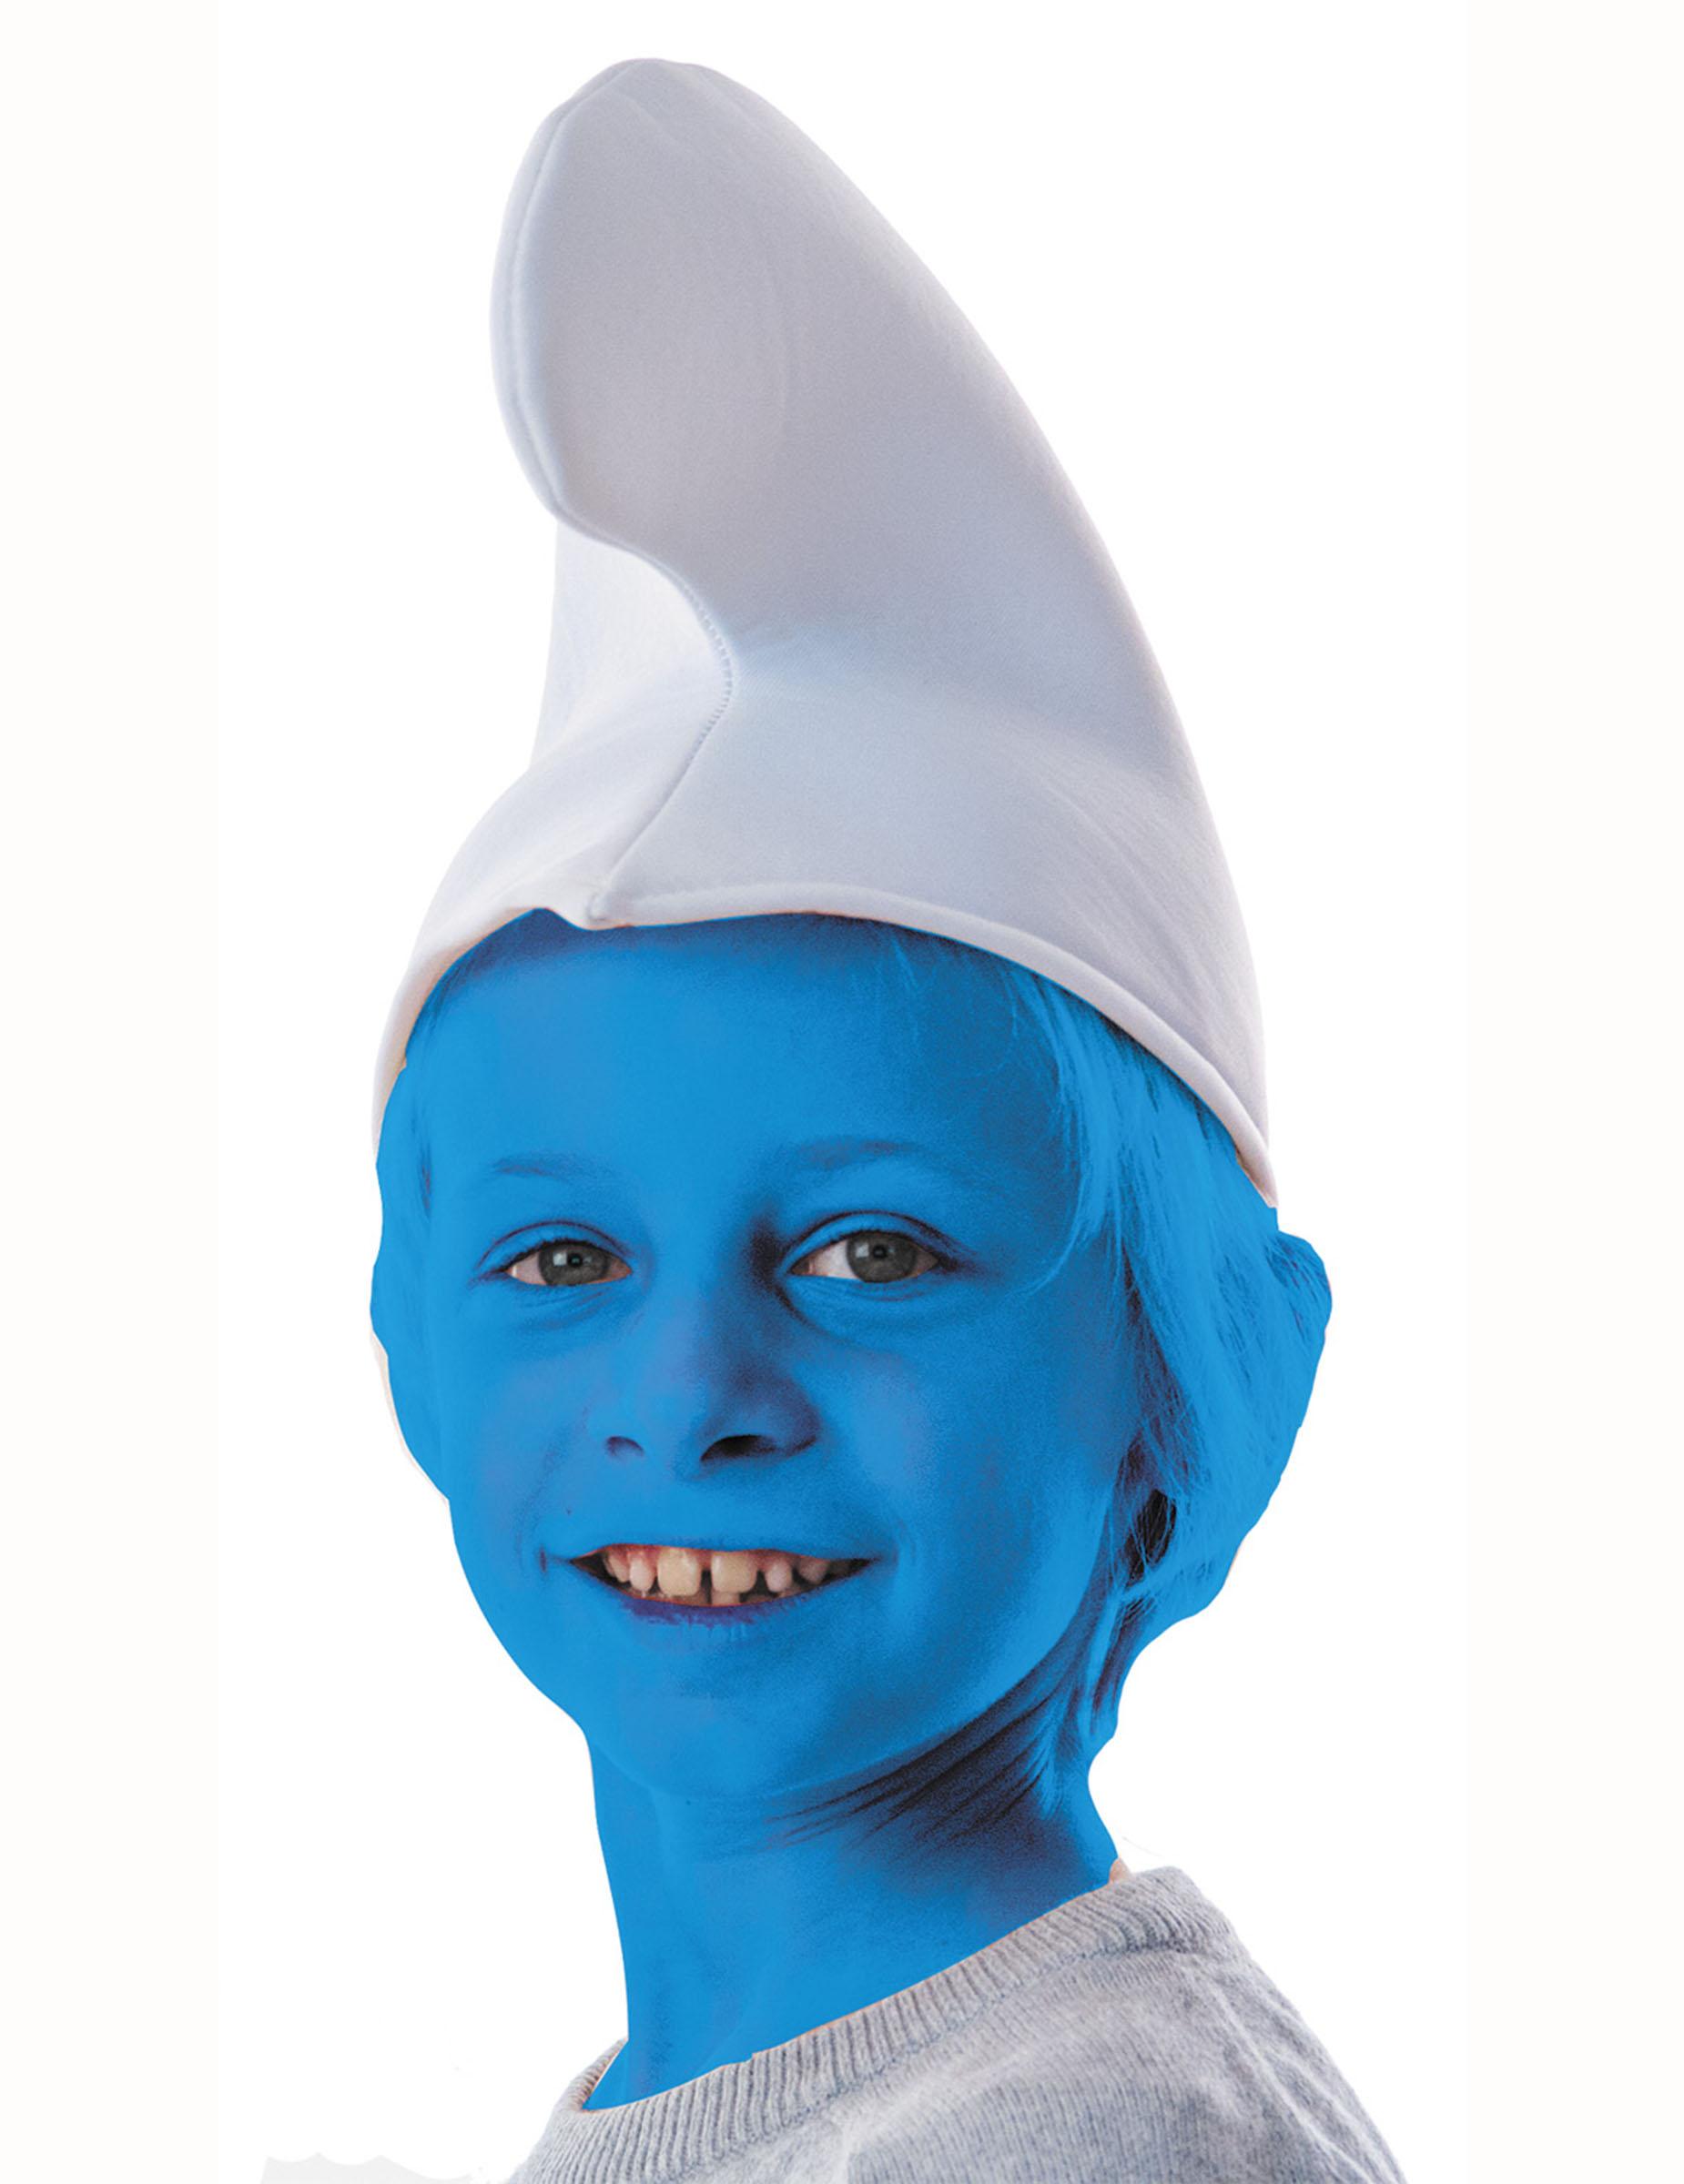 Cappelli da elfo e da folletto per travestimenti - Vegaoo.it ad8b5bc07dc2